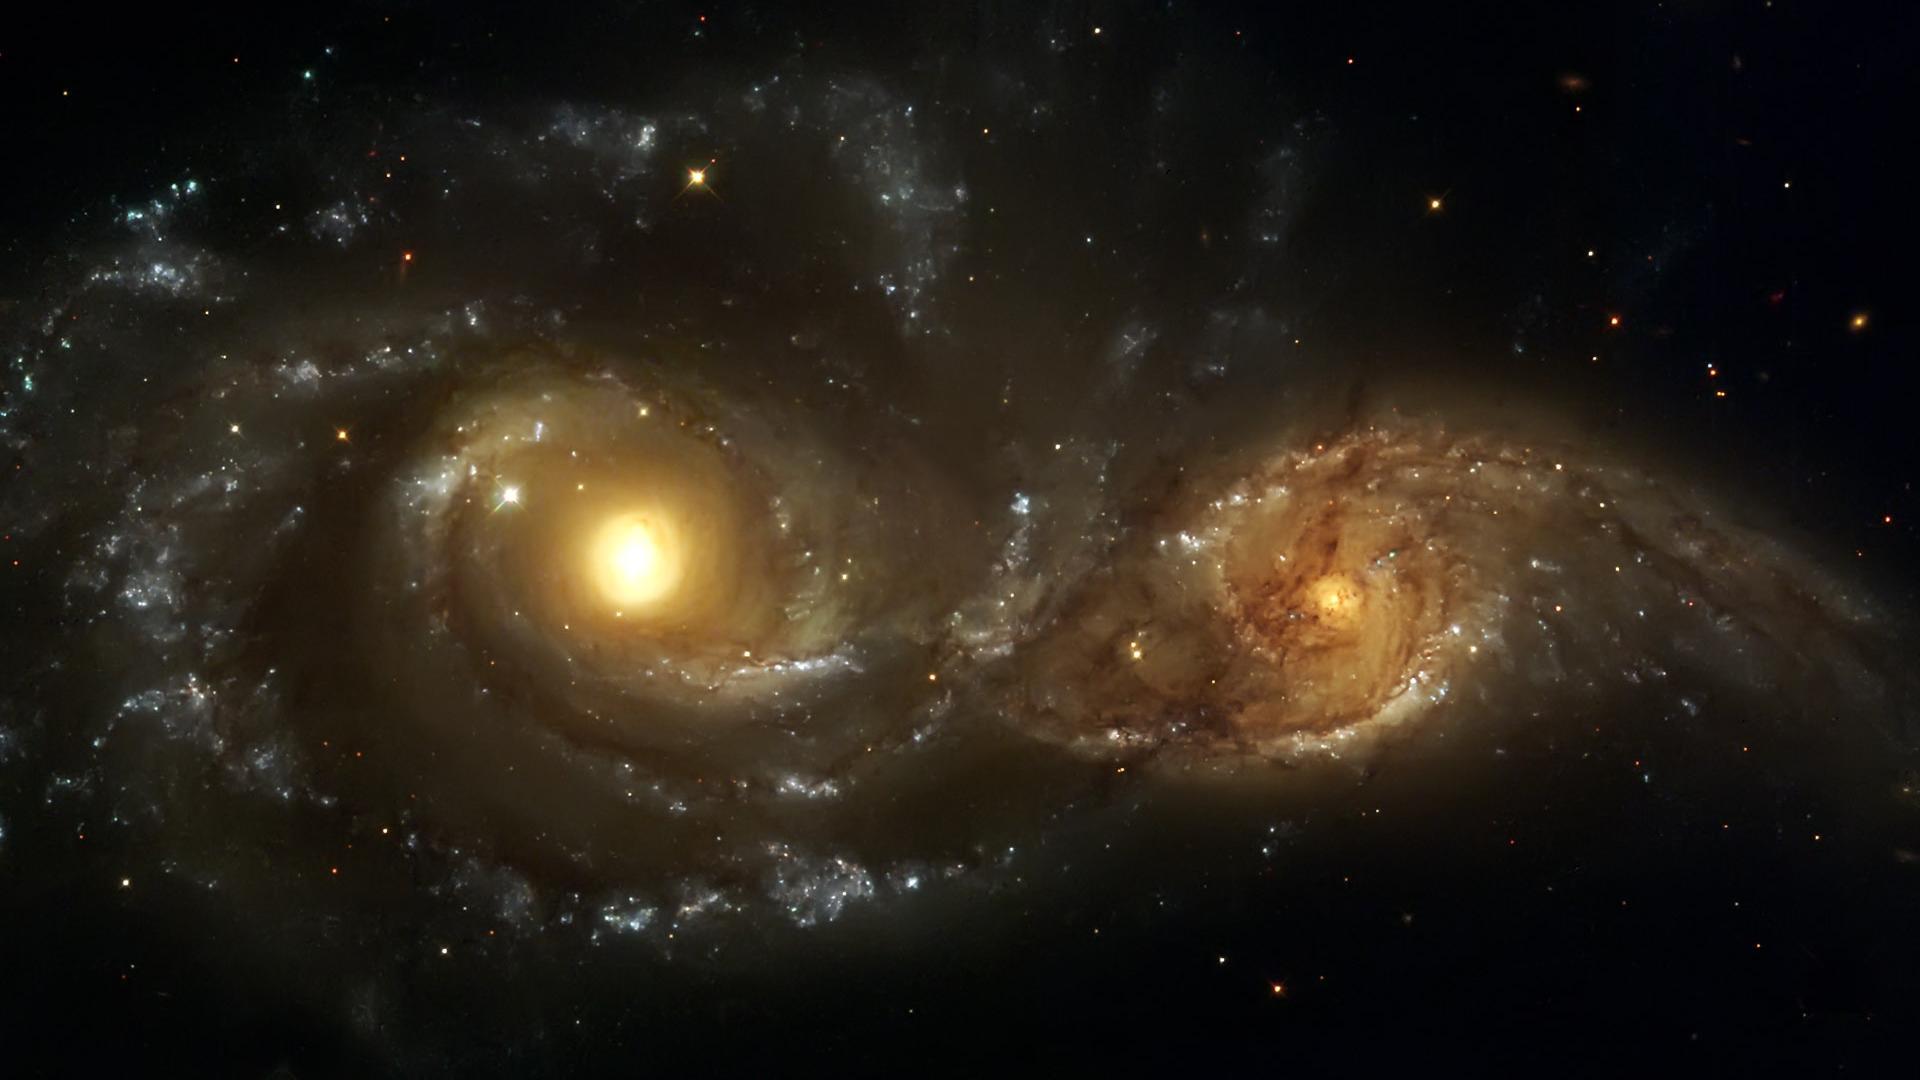 Обои космос дальний космос 1920x1080